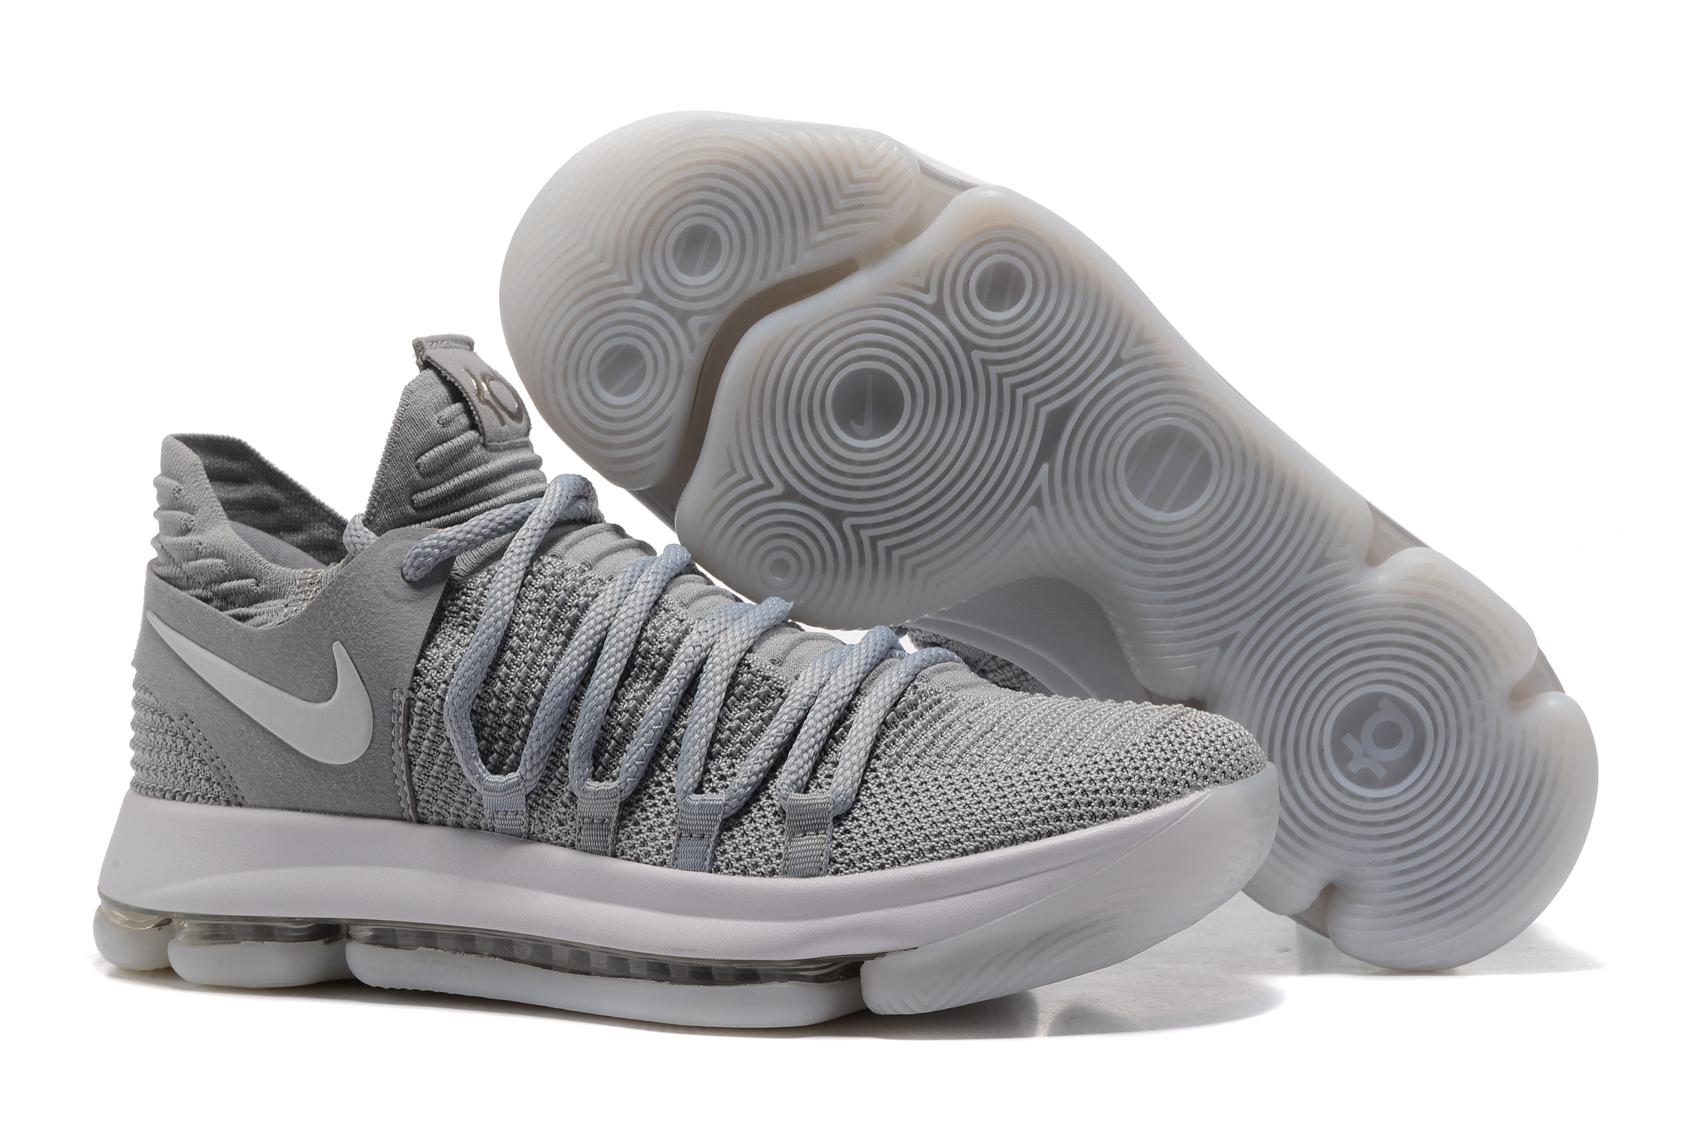 868b8a210426 Prev Nike Zoom KD X 10 Men Basketball Shoes Light Grey White. Zoom